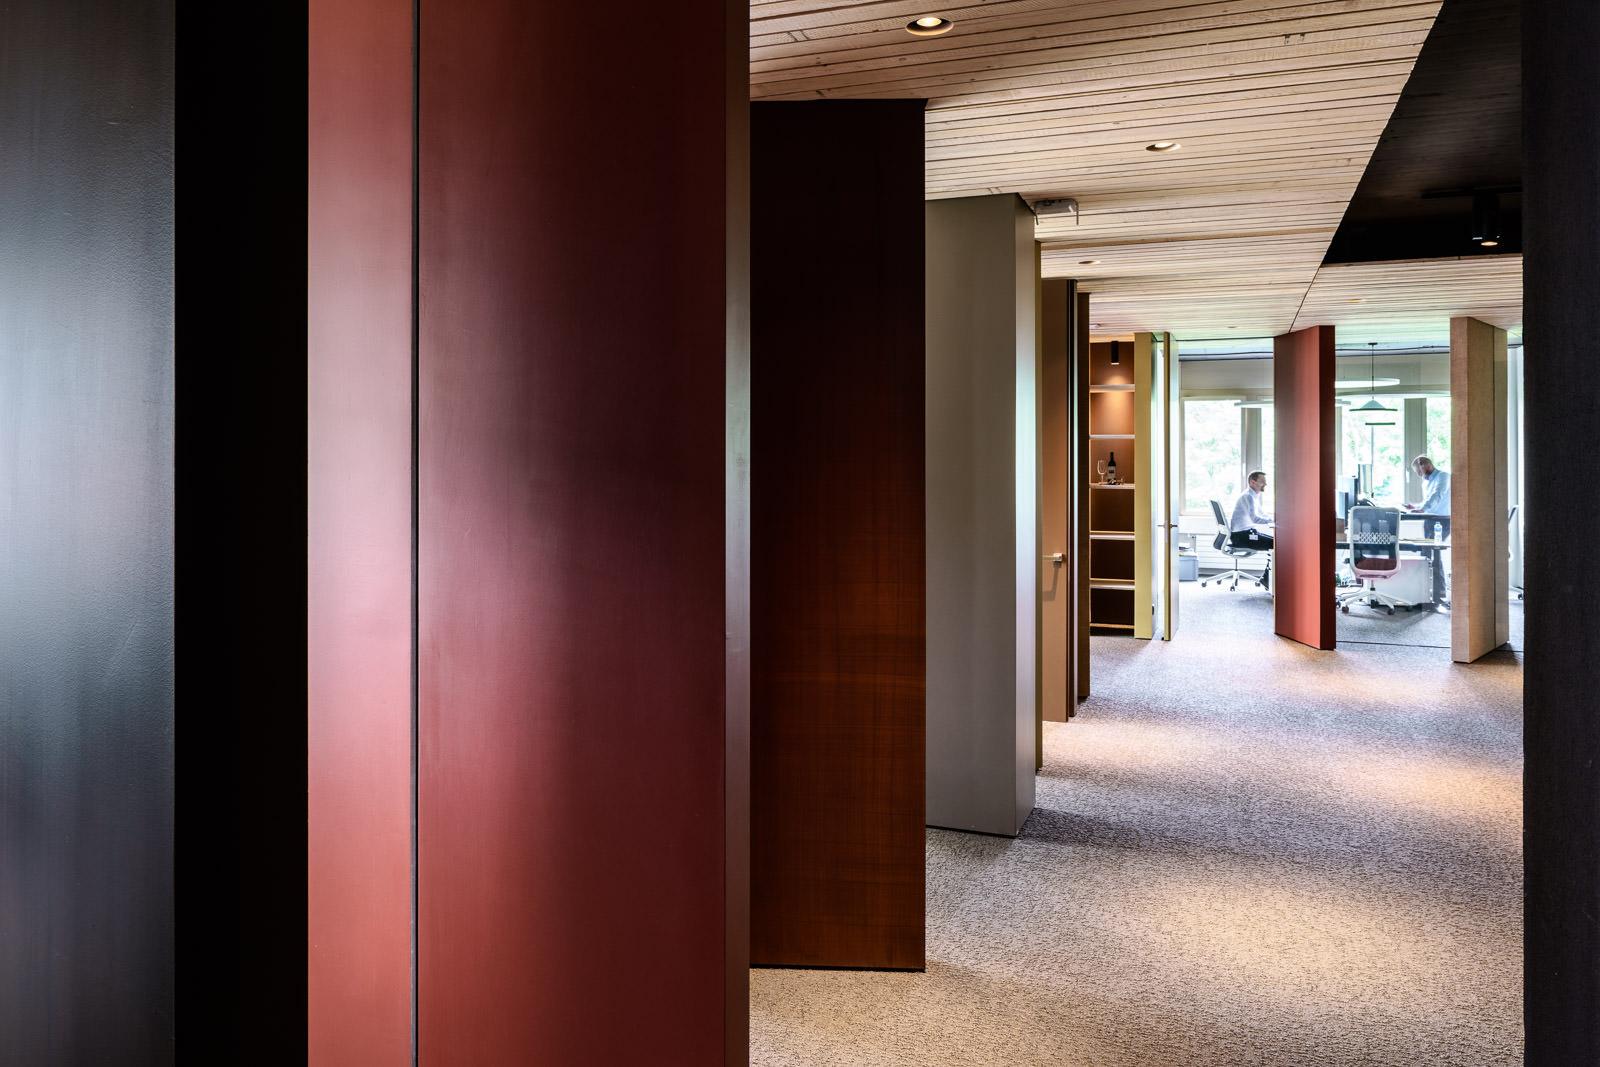 Sitzungszimmer Foto - Innenarchitektur - Fotograf & Fotostudio Zürich